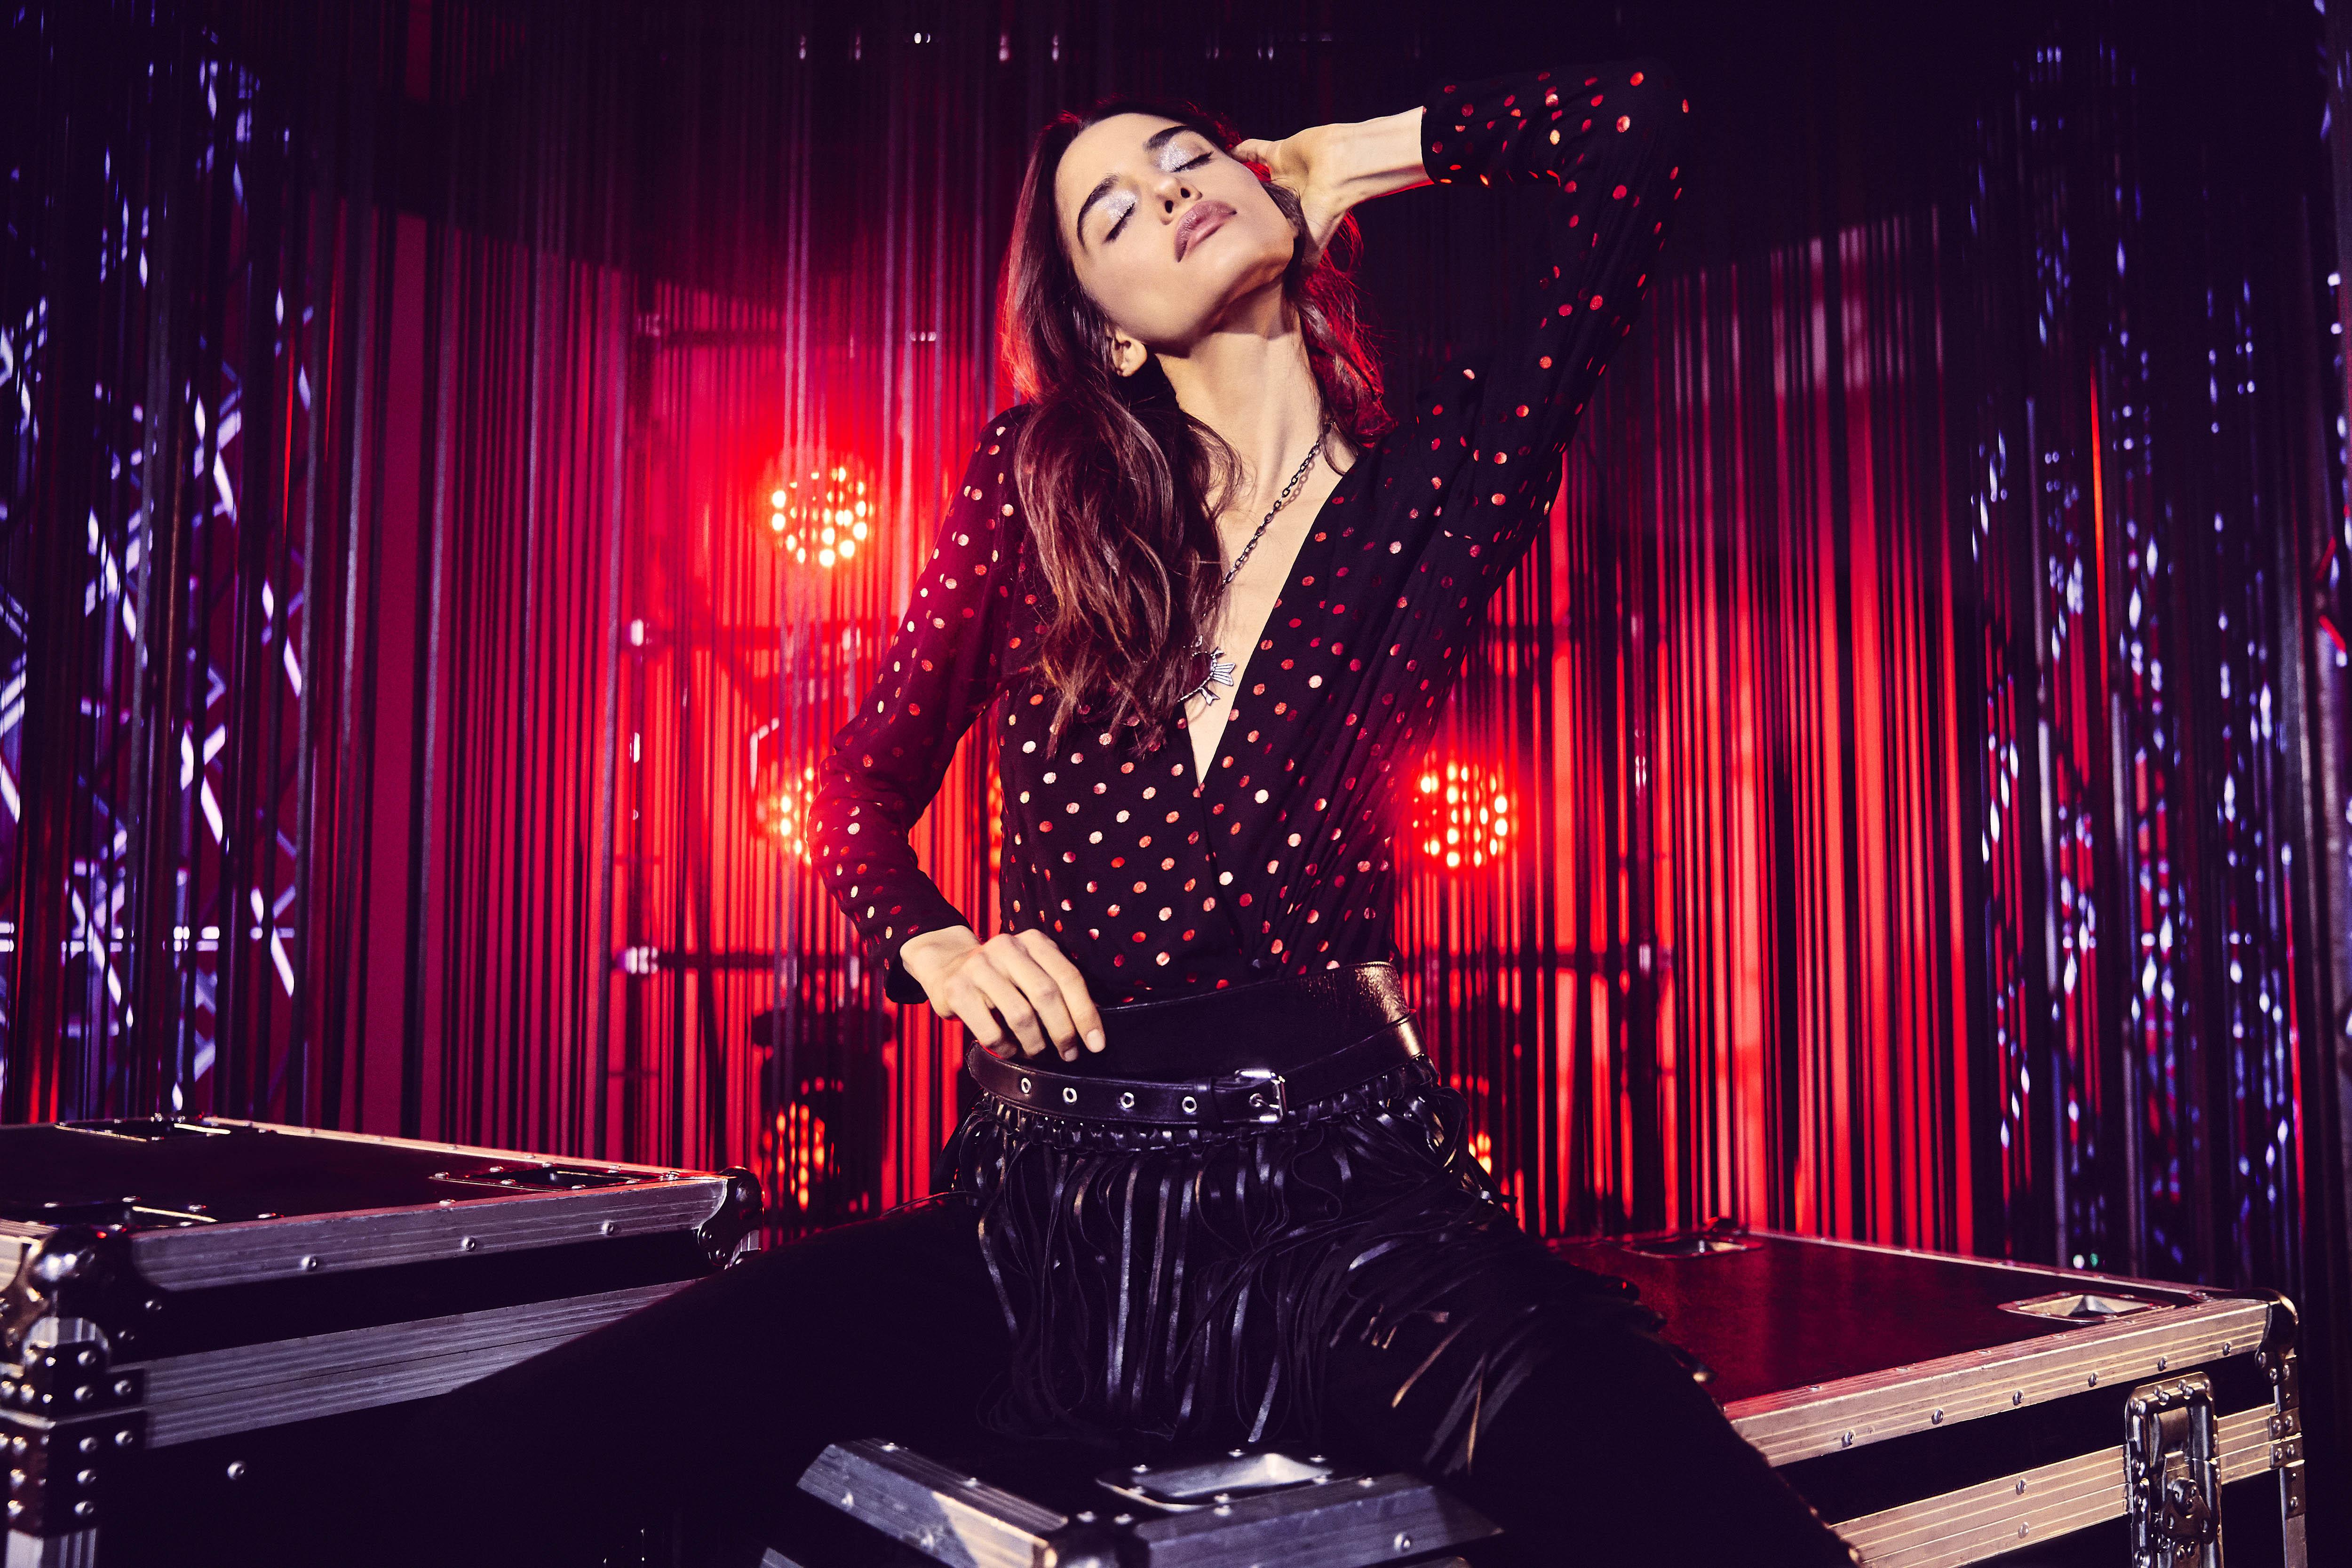 Estampados vibrantes, lurex y encajes encuentran un atractivo moderno y sofisticado - El statement rockstar.